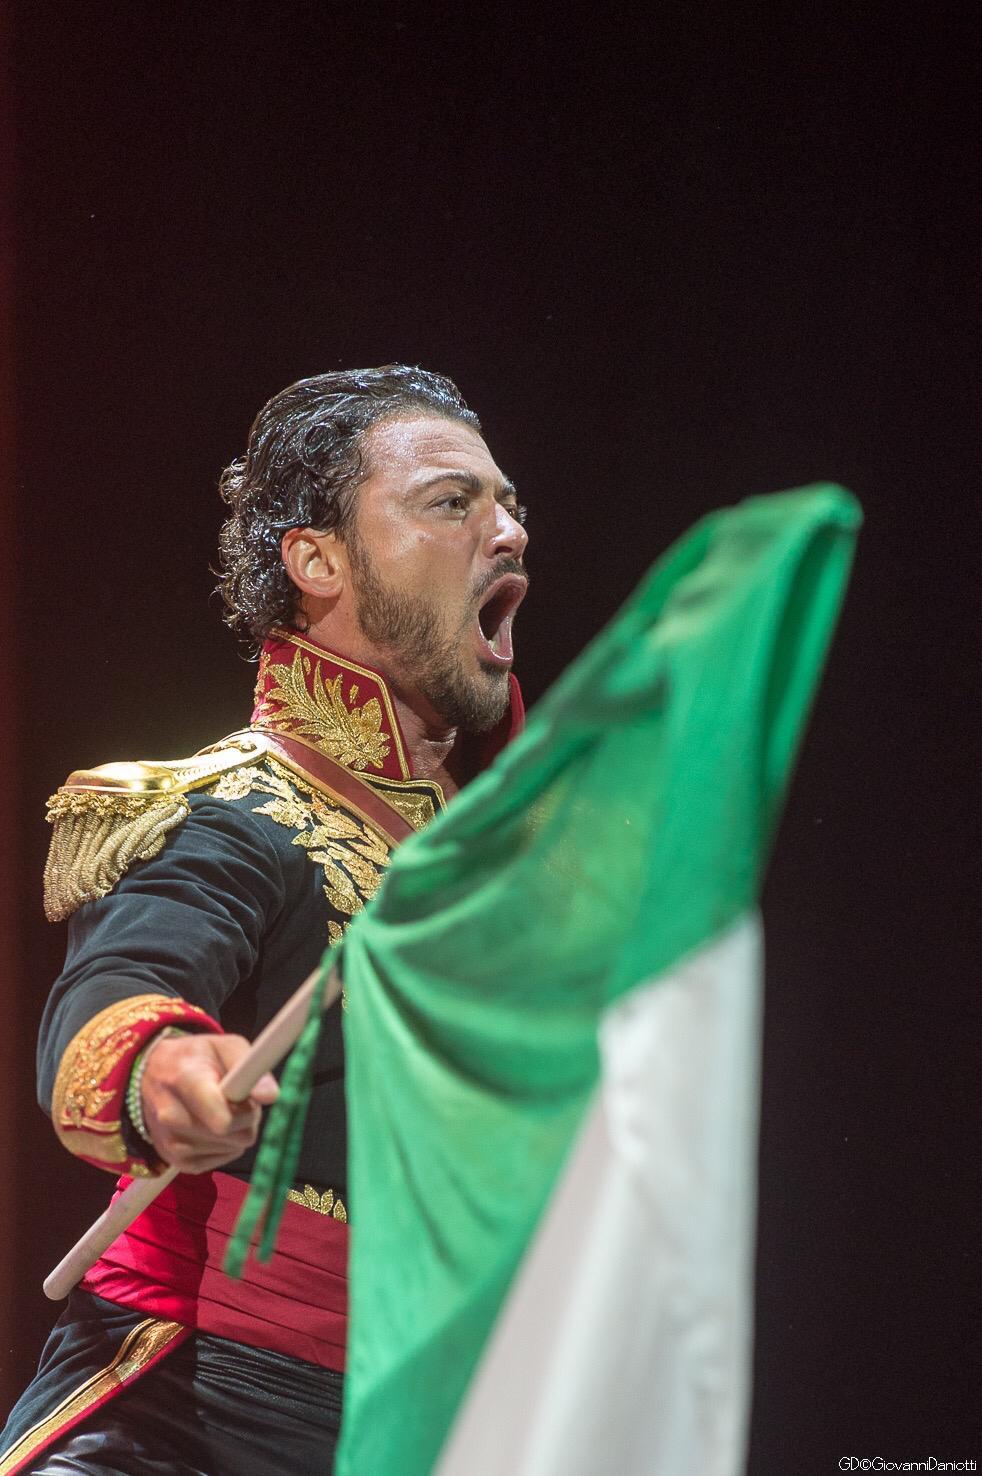 Vittorio Grigolo album e tour - immagini